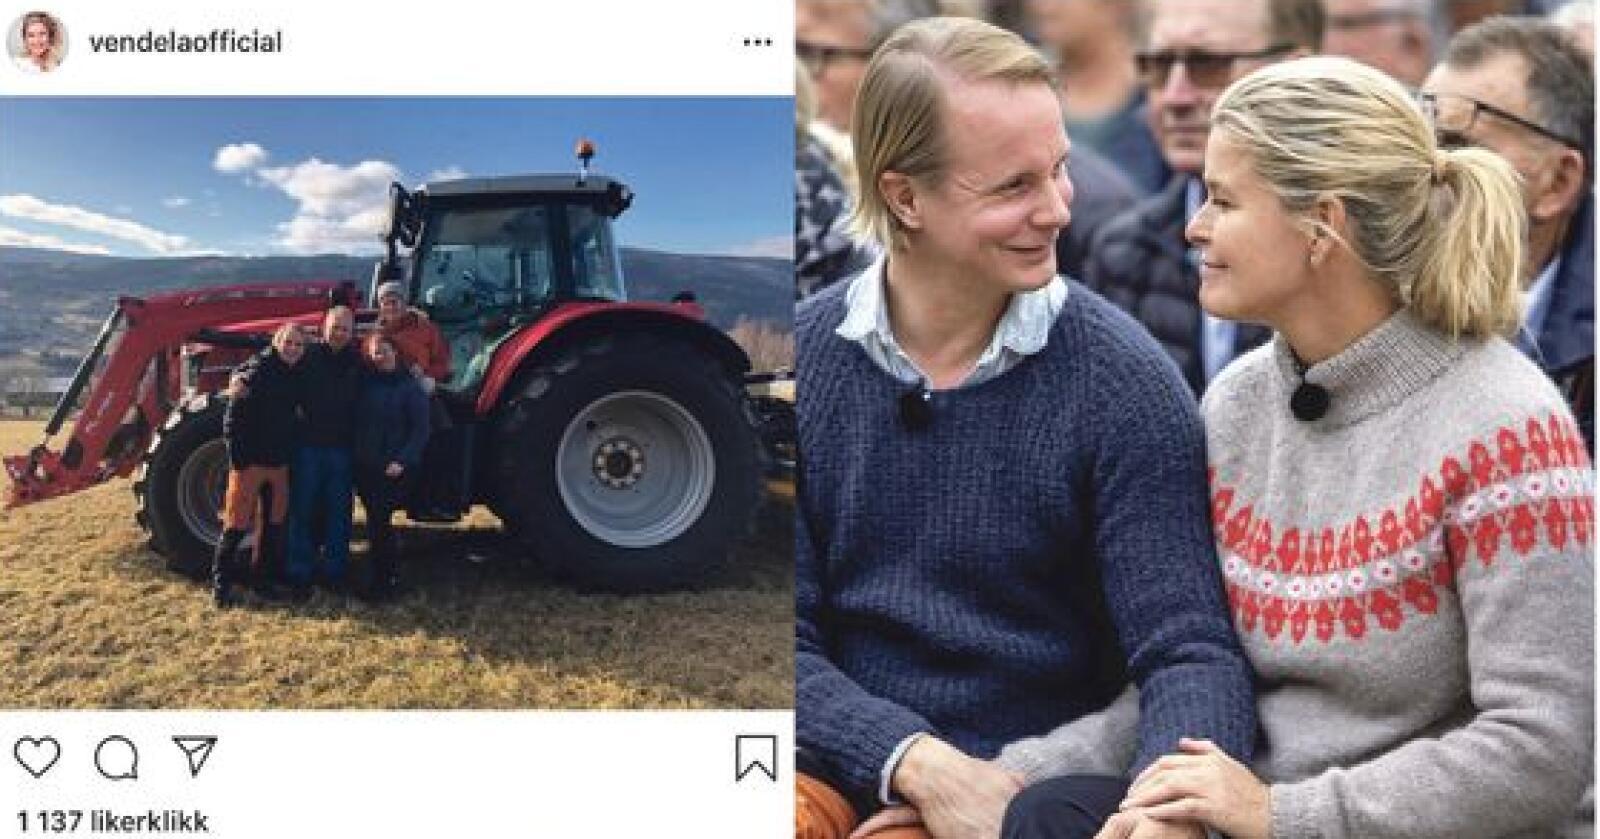 Petter Pilgaard og Vendela Kirsebomunder klimadebatten på Dyrsku'n i Seljord. Farmen-oppholdet og Dyrsku'n har ga mersmak. Paret har nå vært avløsere på en gård i Vang. Fotokollasj: Tore Meek / NTB scanpix og skjermdump fra Instagram